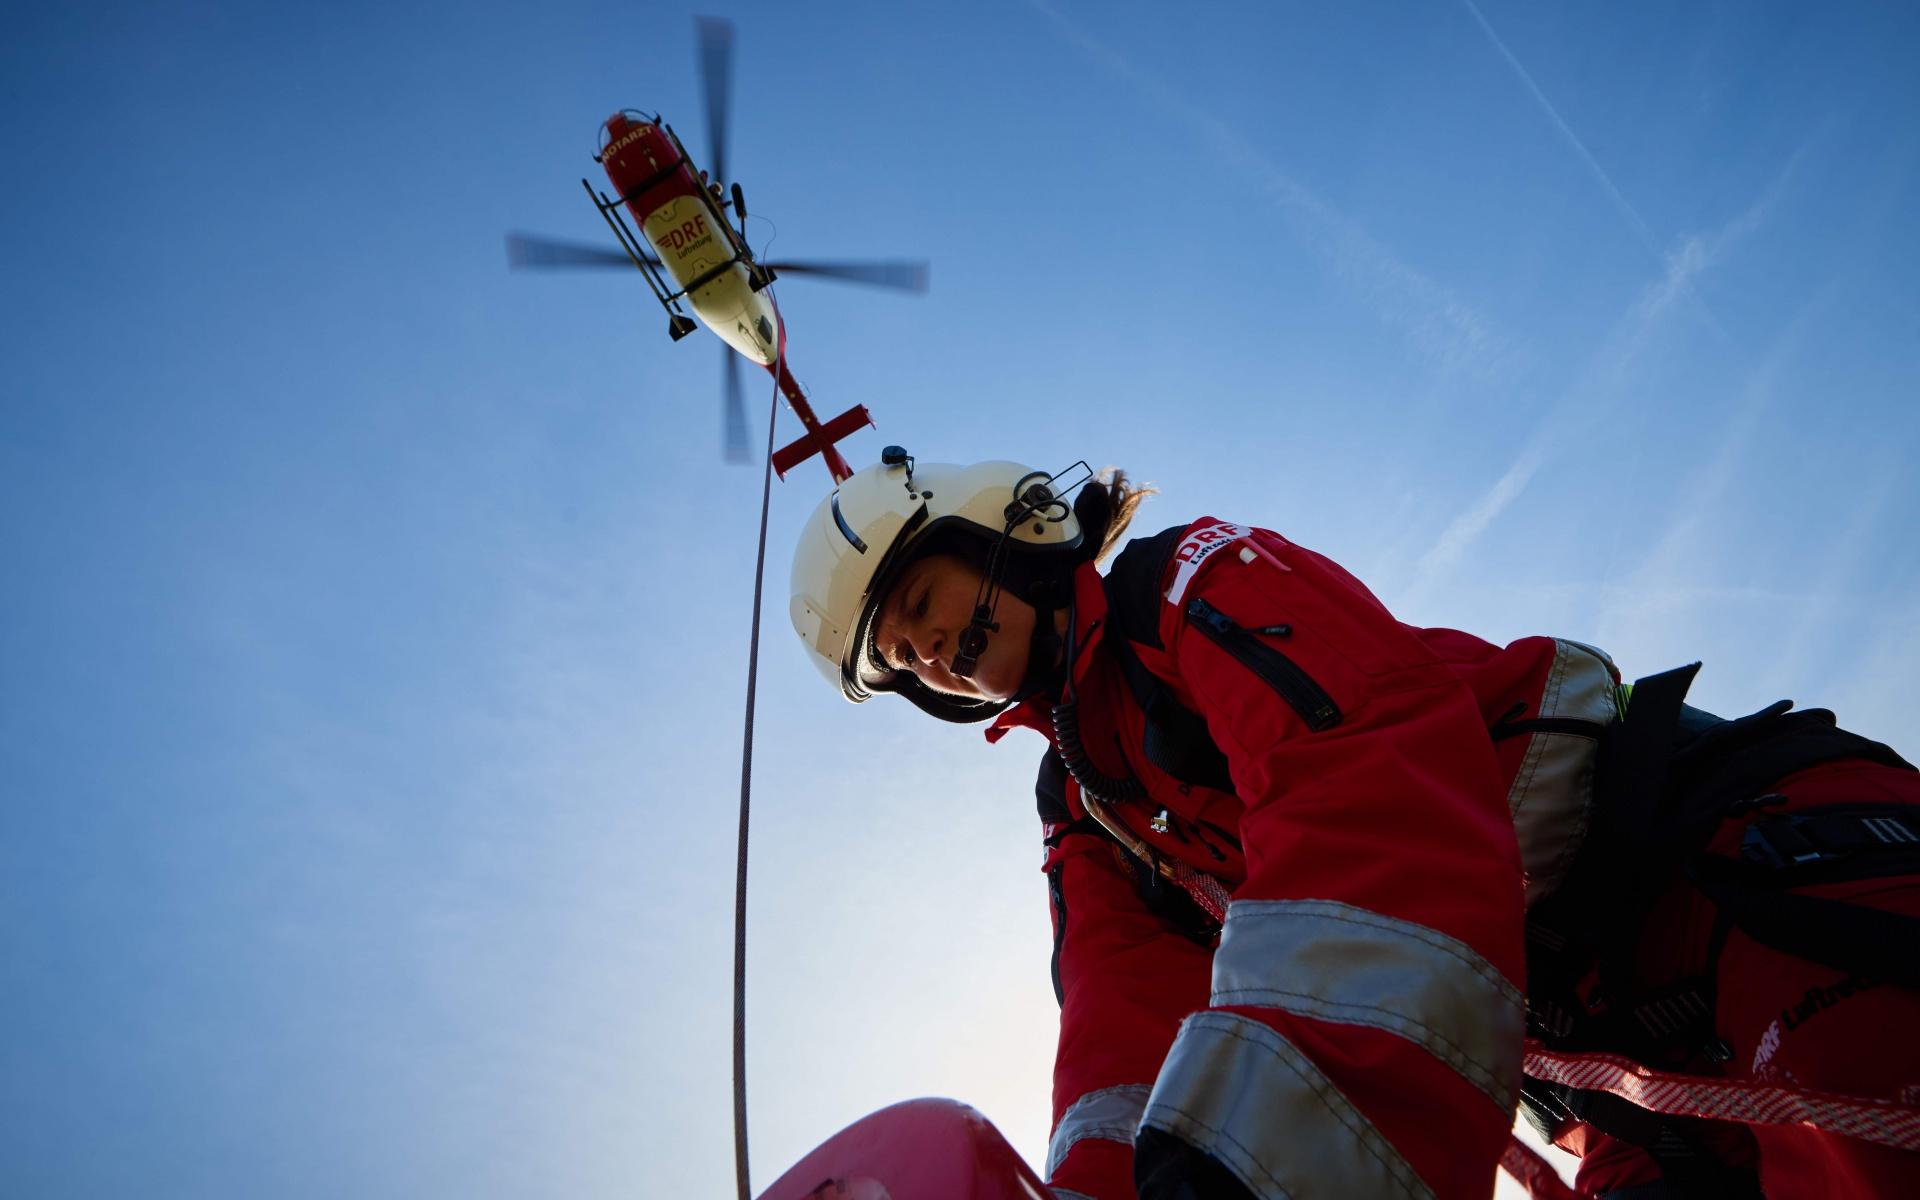 Der Pilot hält den Hubschrauber in der Luft über der Einsatzstelle, während die Winde am Bergesack befestigt wird.